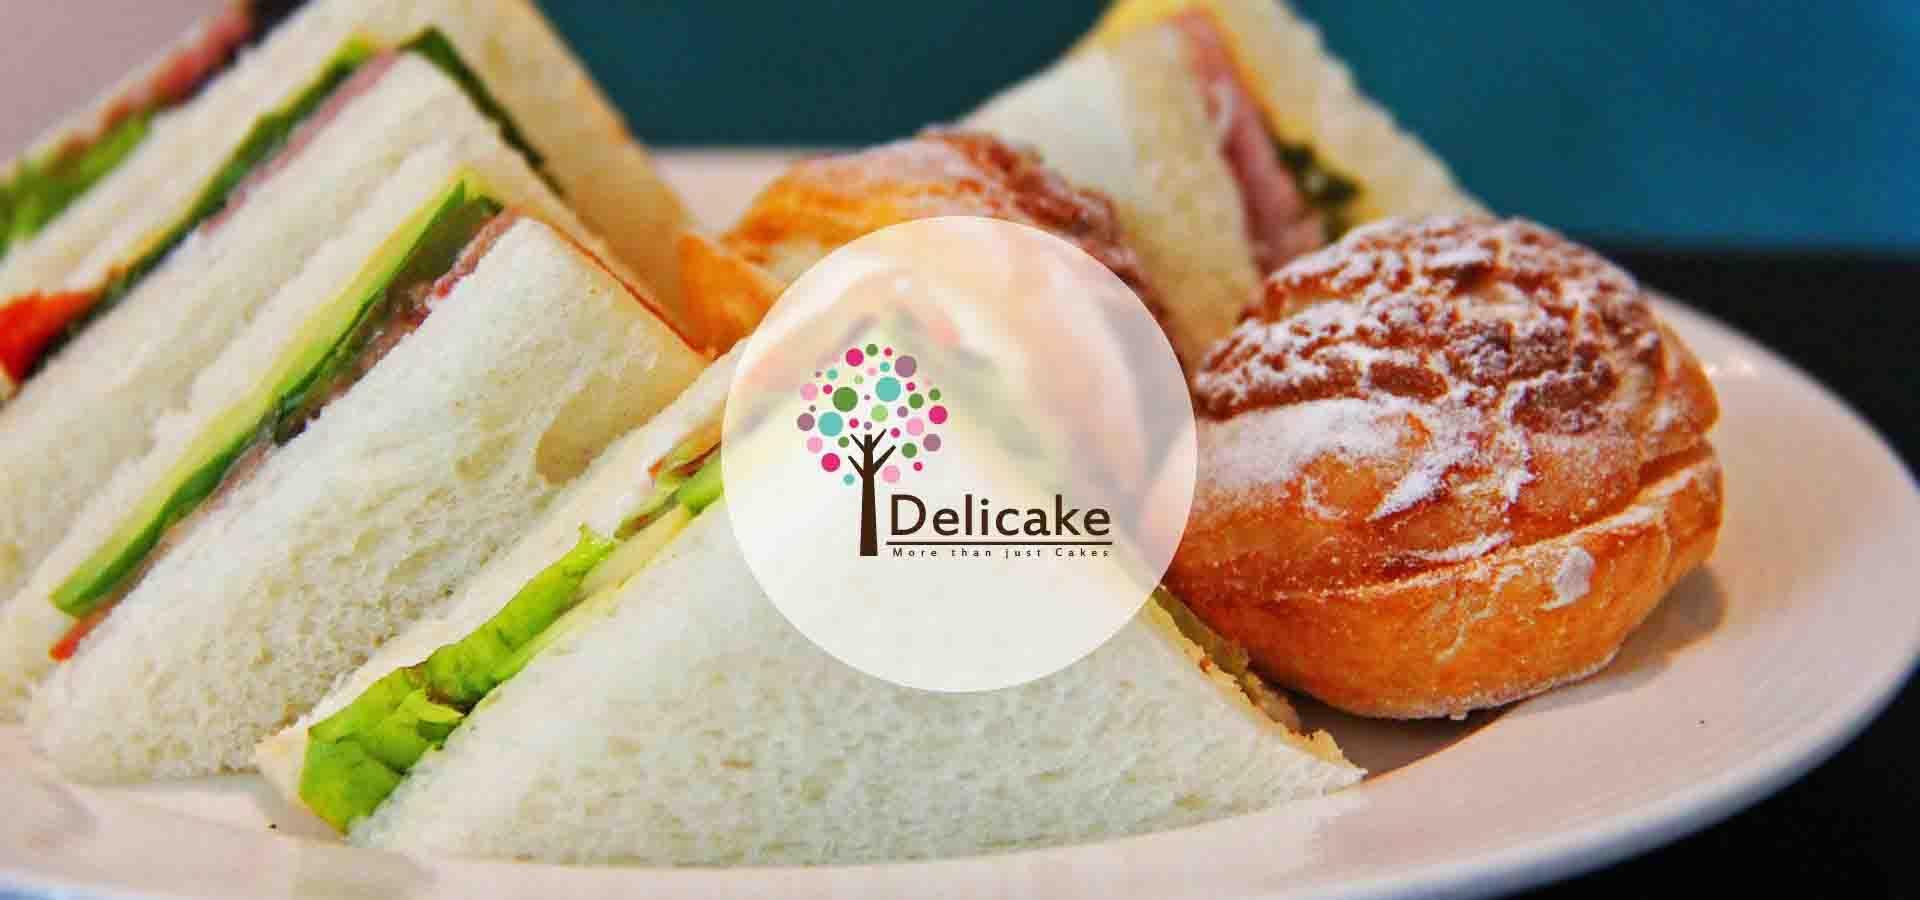 Delicake Snack Box เบเกอรี่ ขนมเบรค กว่า 150 เมนู อาหารว่าง งานประชุม